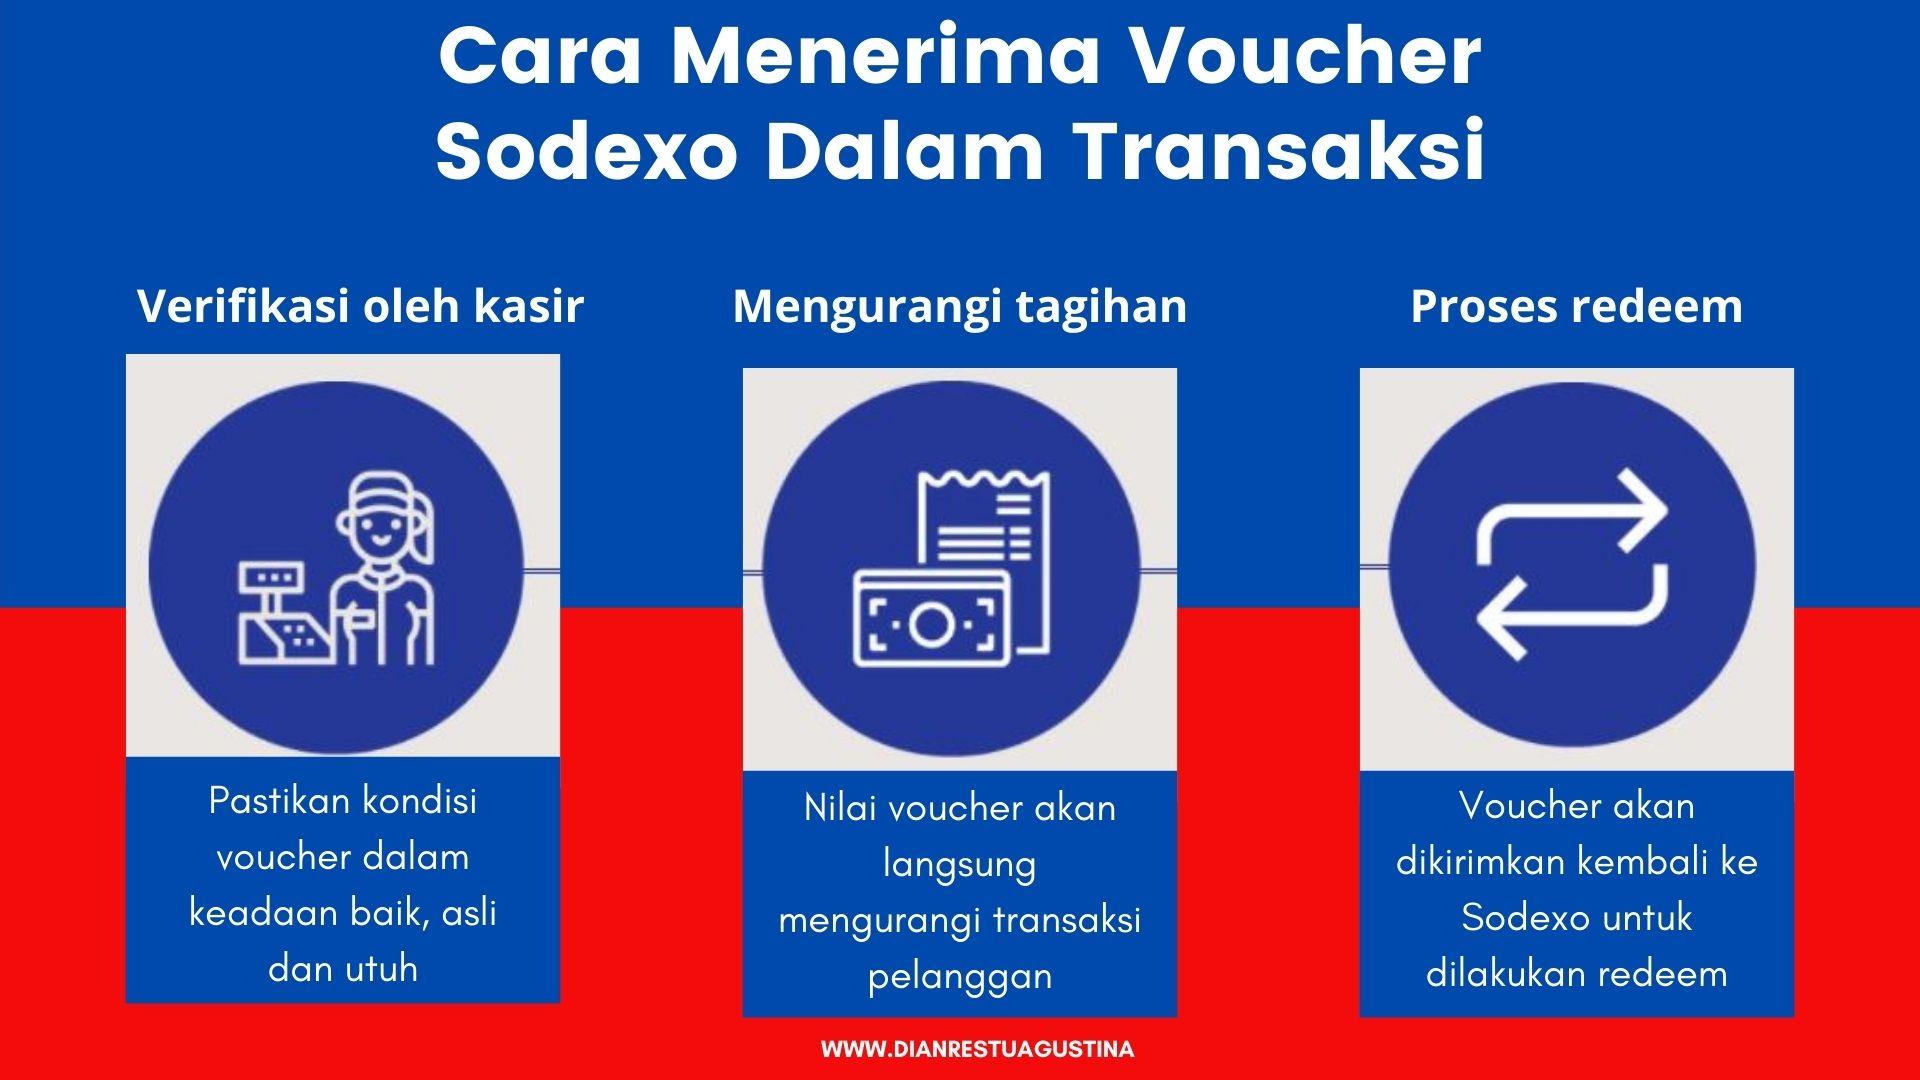 Manfaat Sodexo Gift Pass Buat Merchant